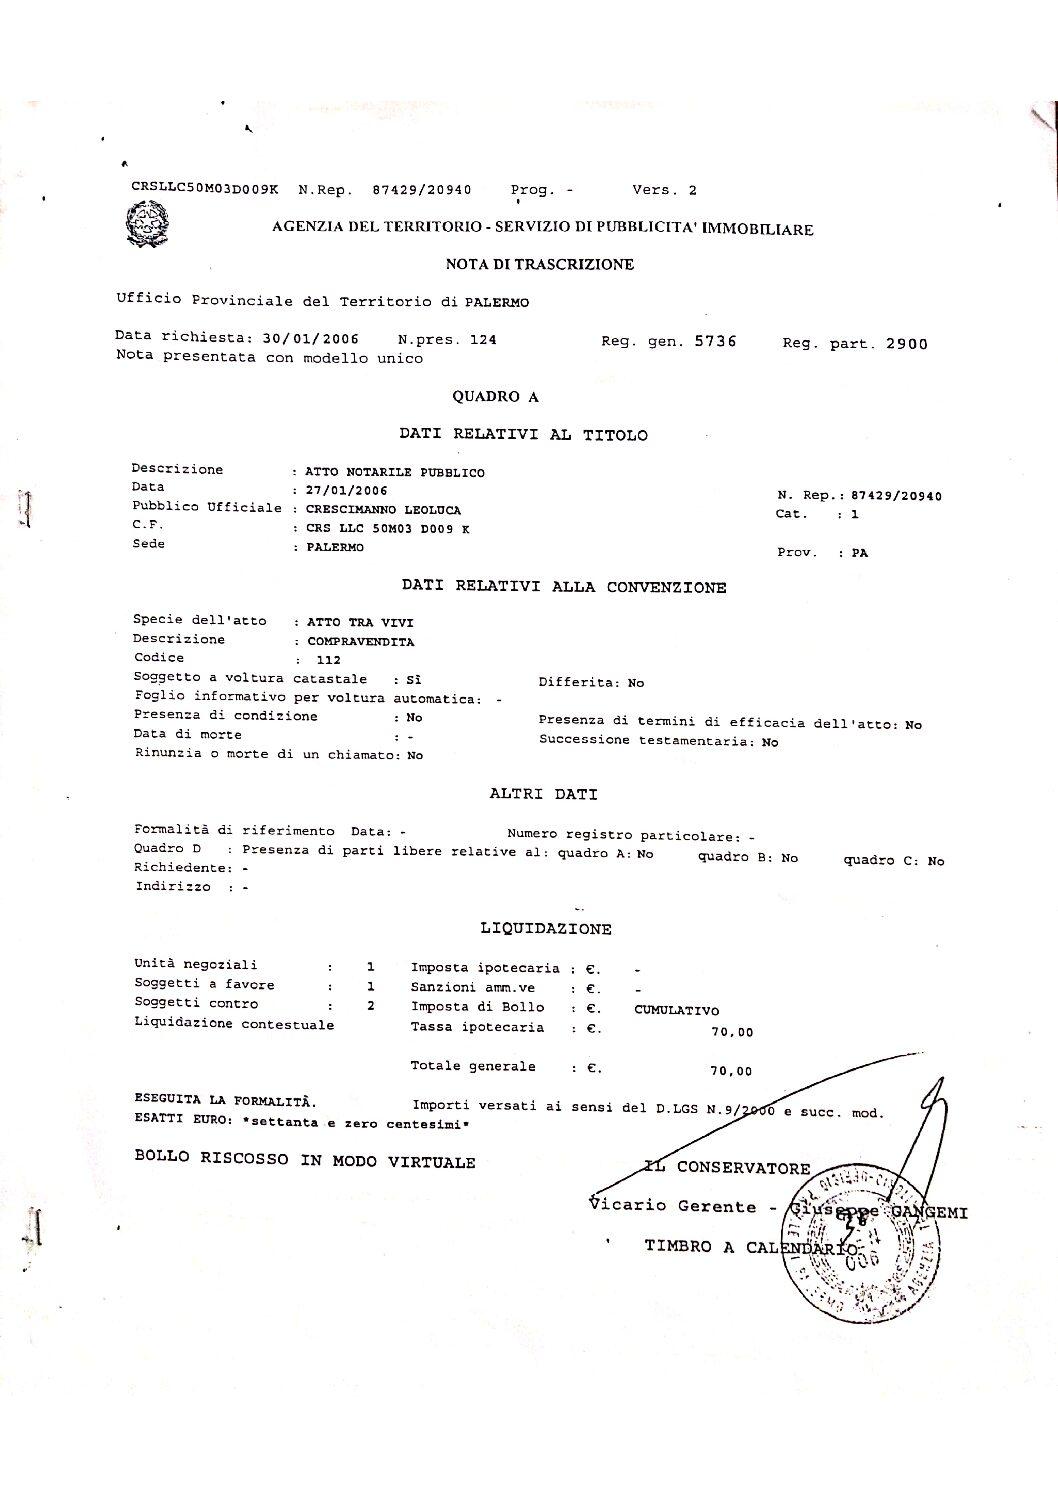 nota di trascrizione_via Oreto 107_de Biasi